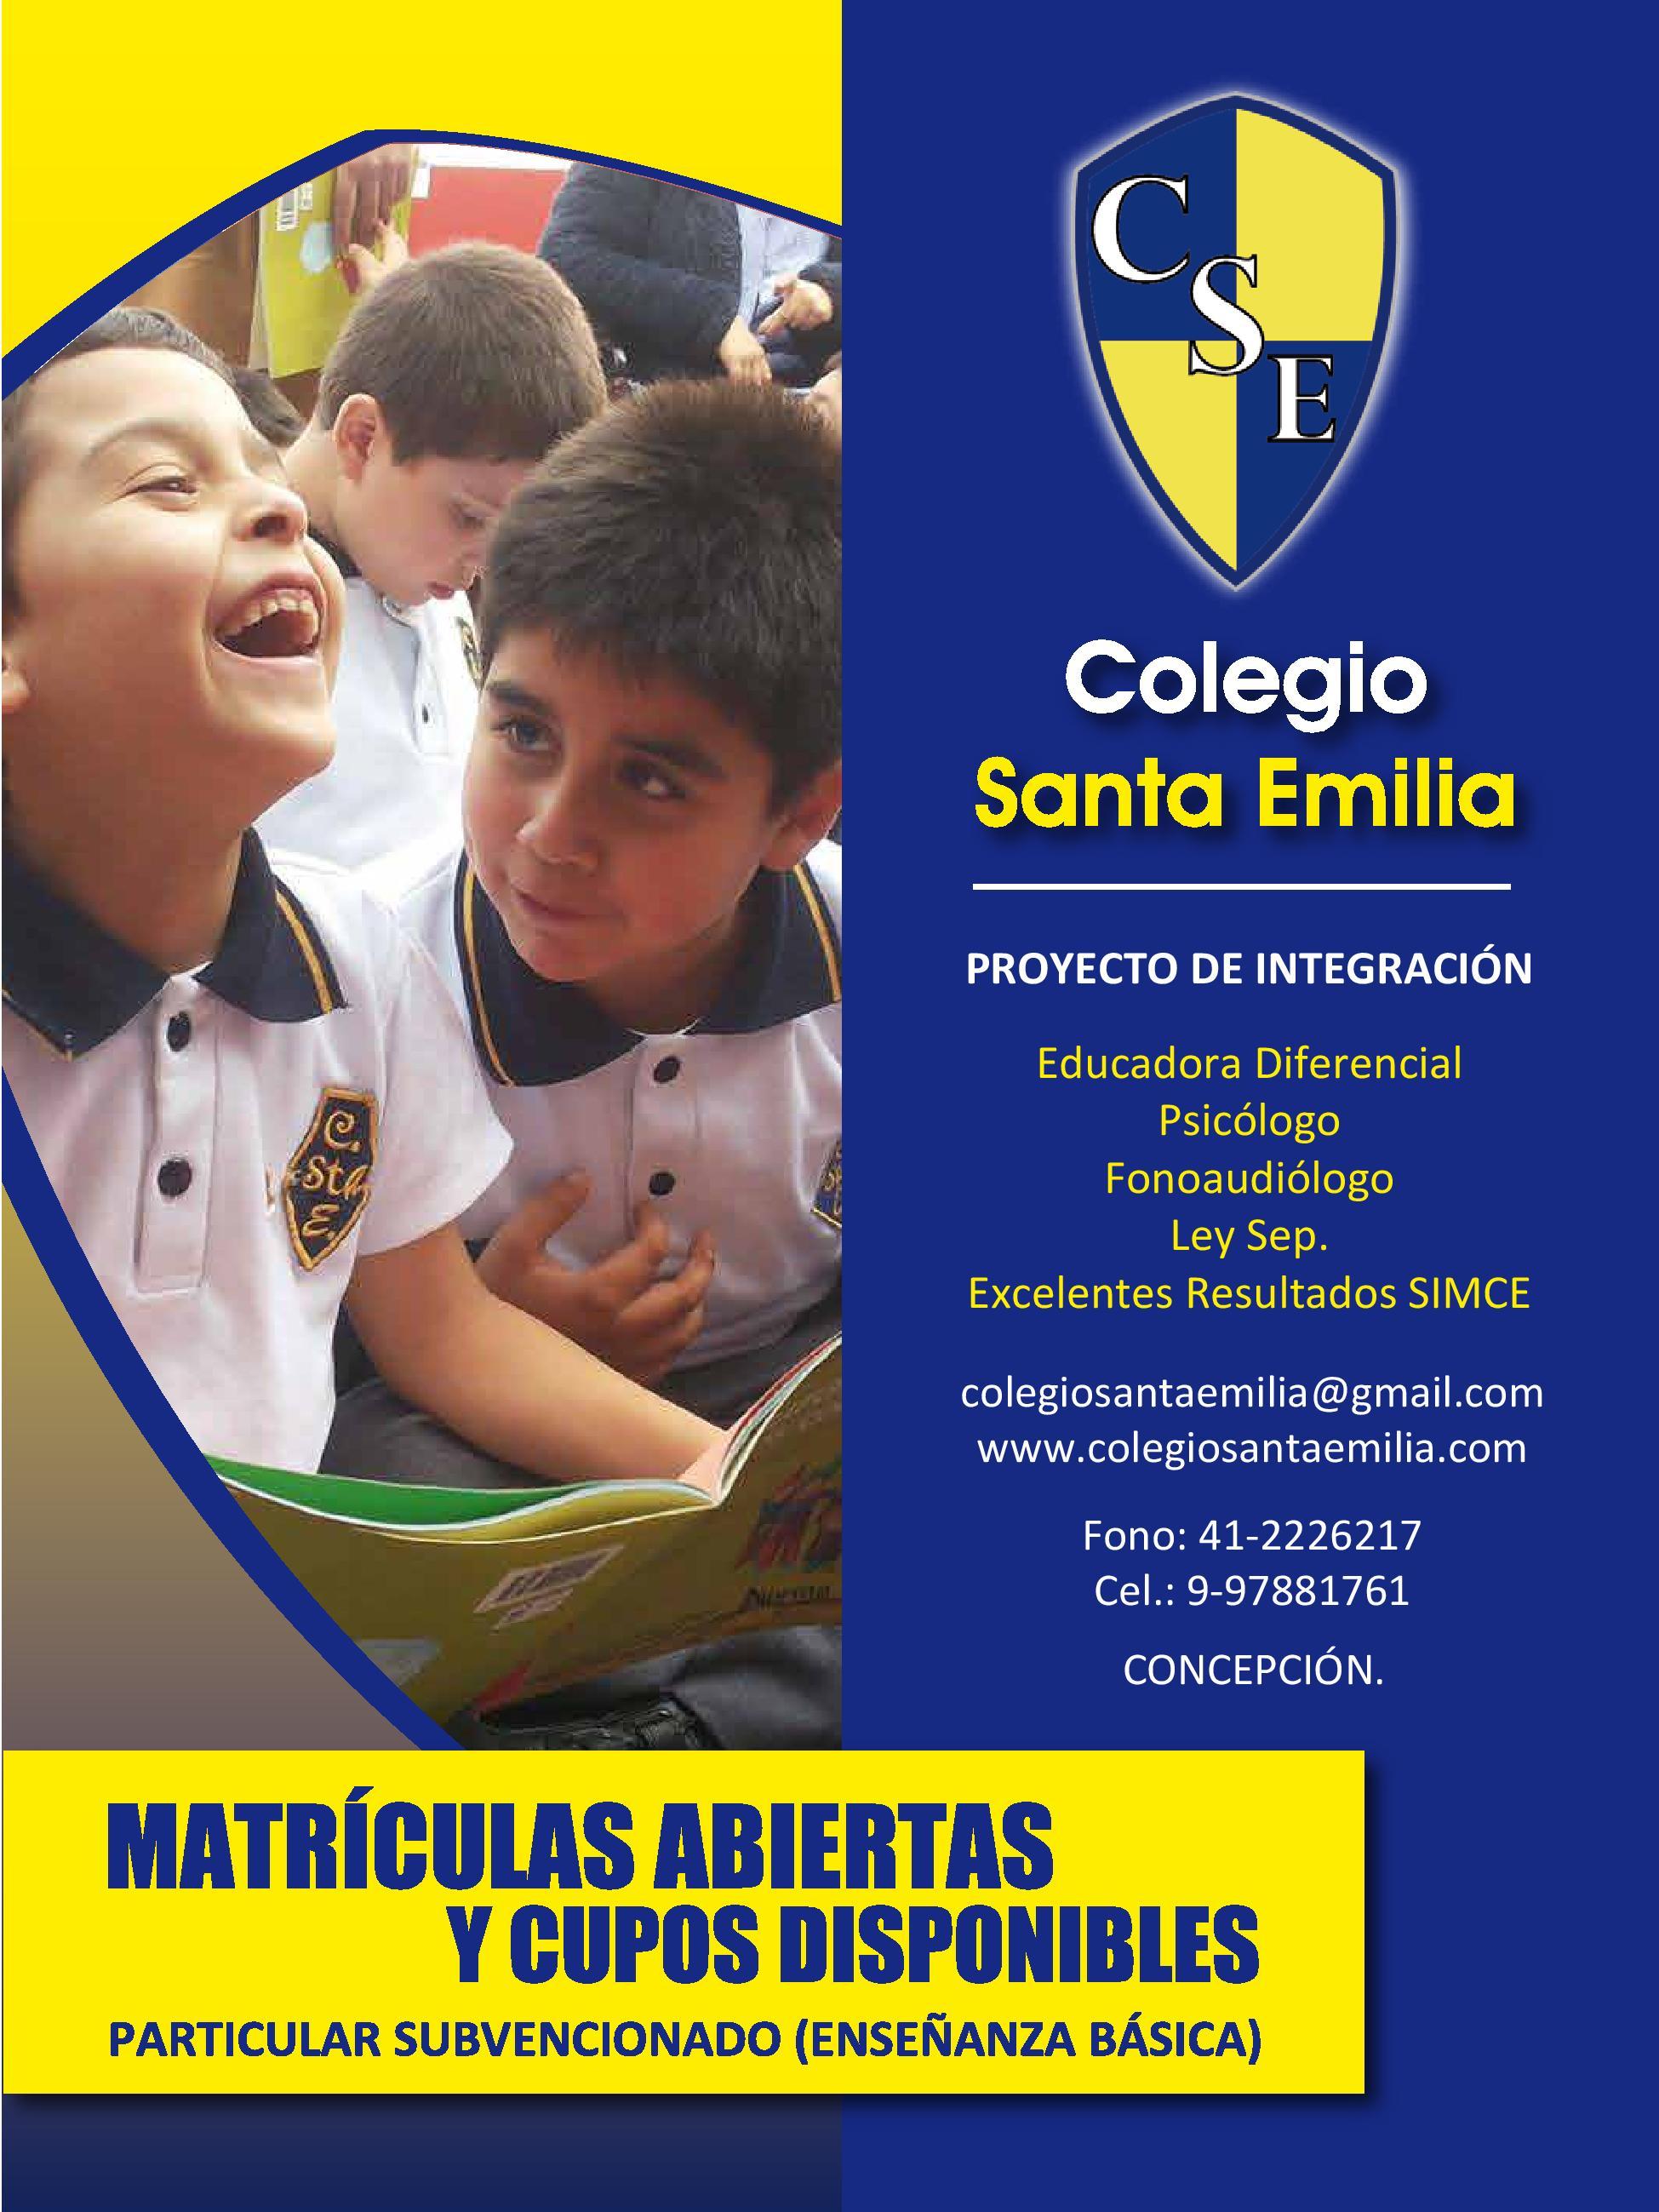 AFICHE COLEGIO STA EMILIA-page-001